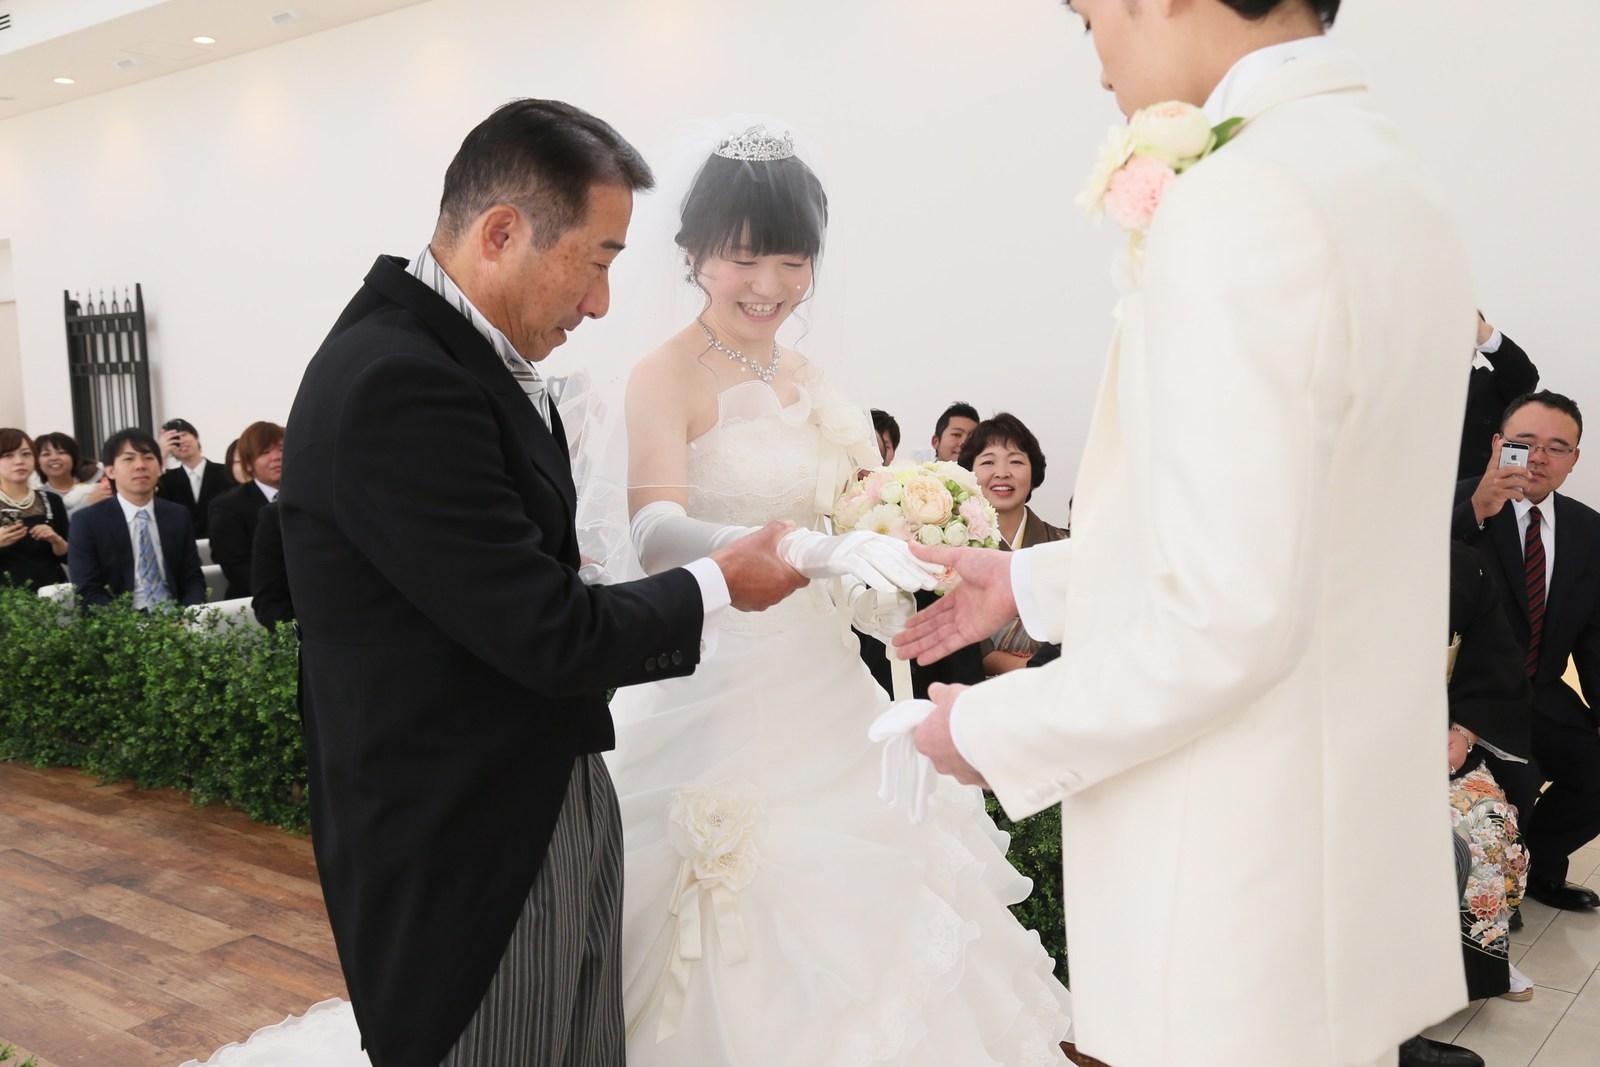 徳島市の結婚式場ブランアンジュでチャペル式にて新婦父から新郎様へのバトンタッチ